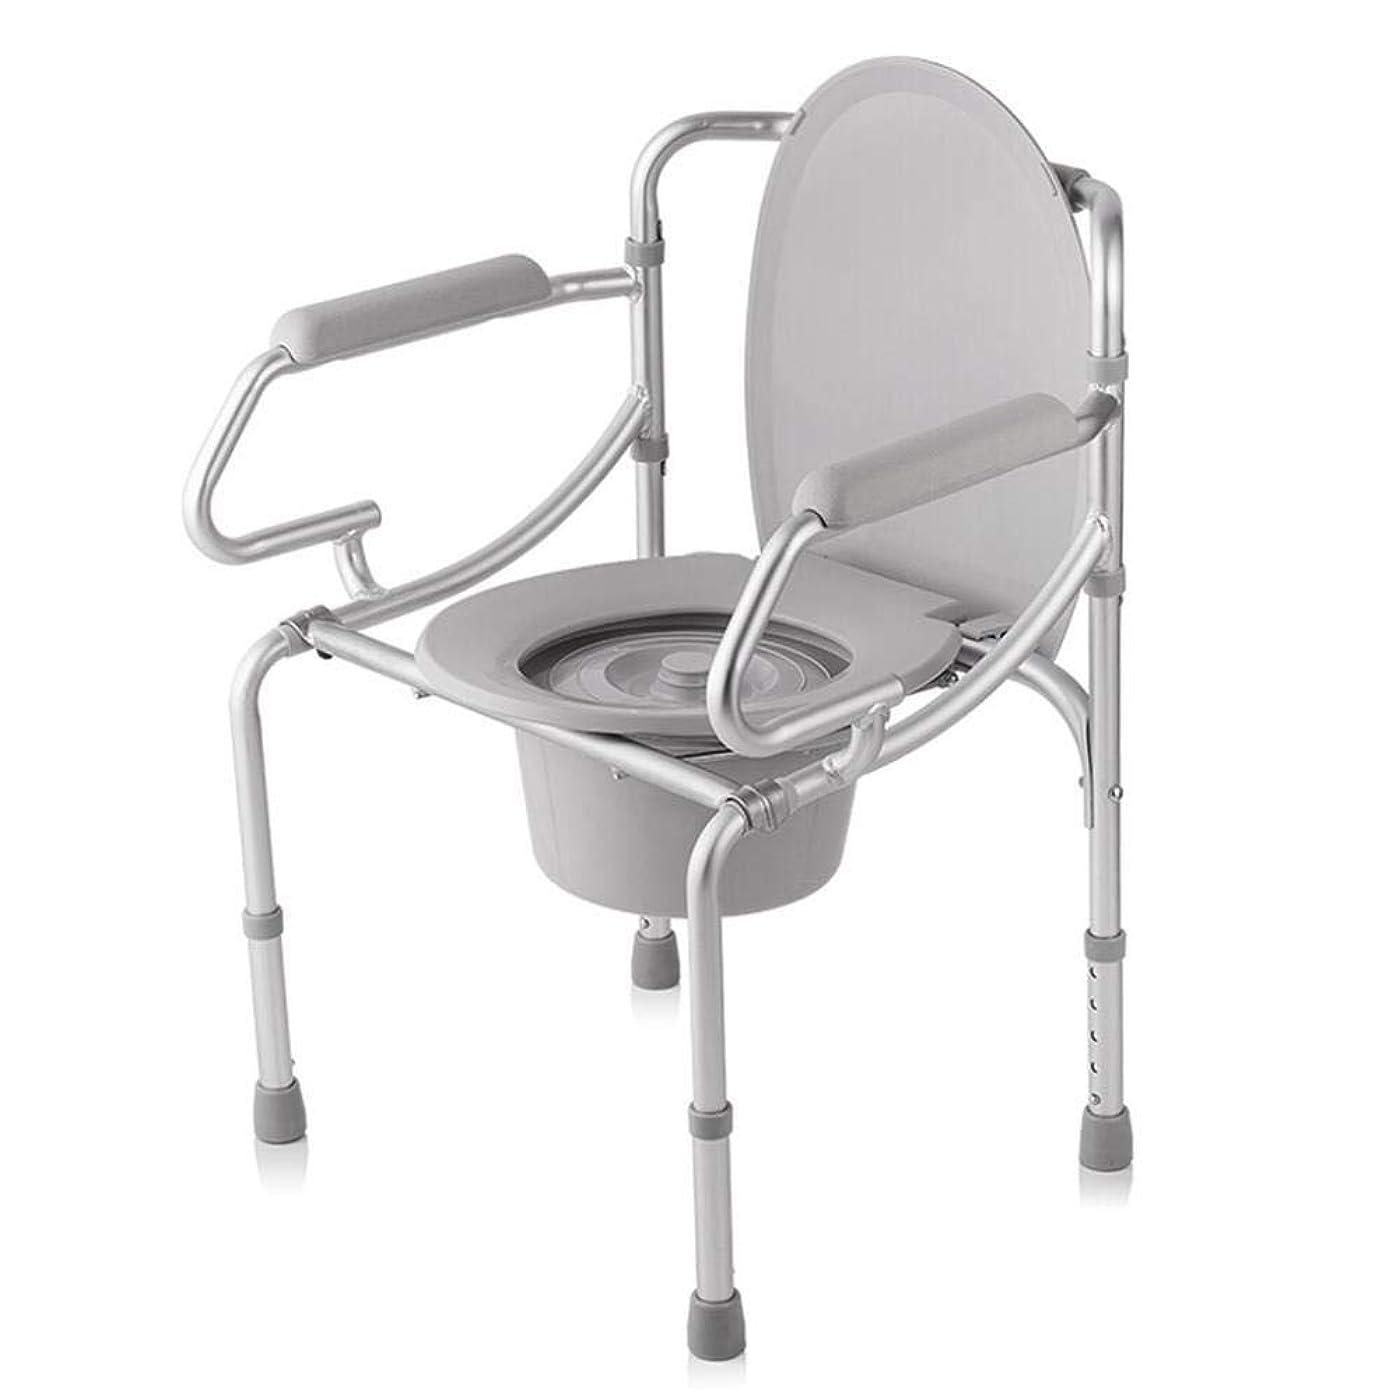 評価する皮メンタリティ調節可能な便器椅子、取り外し可能なパッド入りシートとトイレ付きの豪華な折りたたみ軽量便器